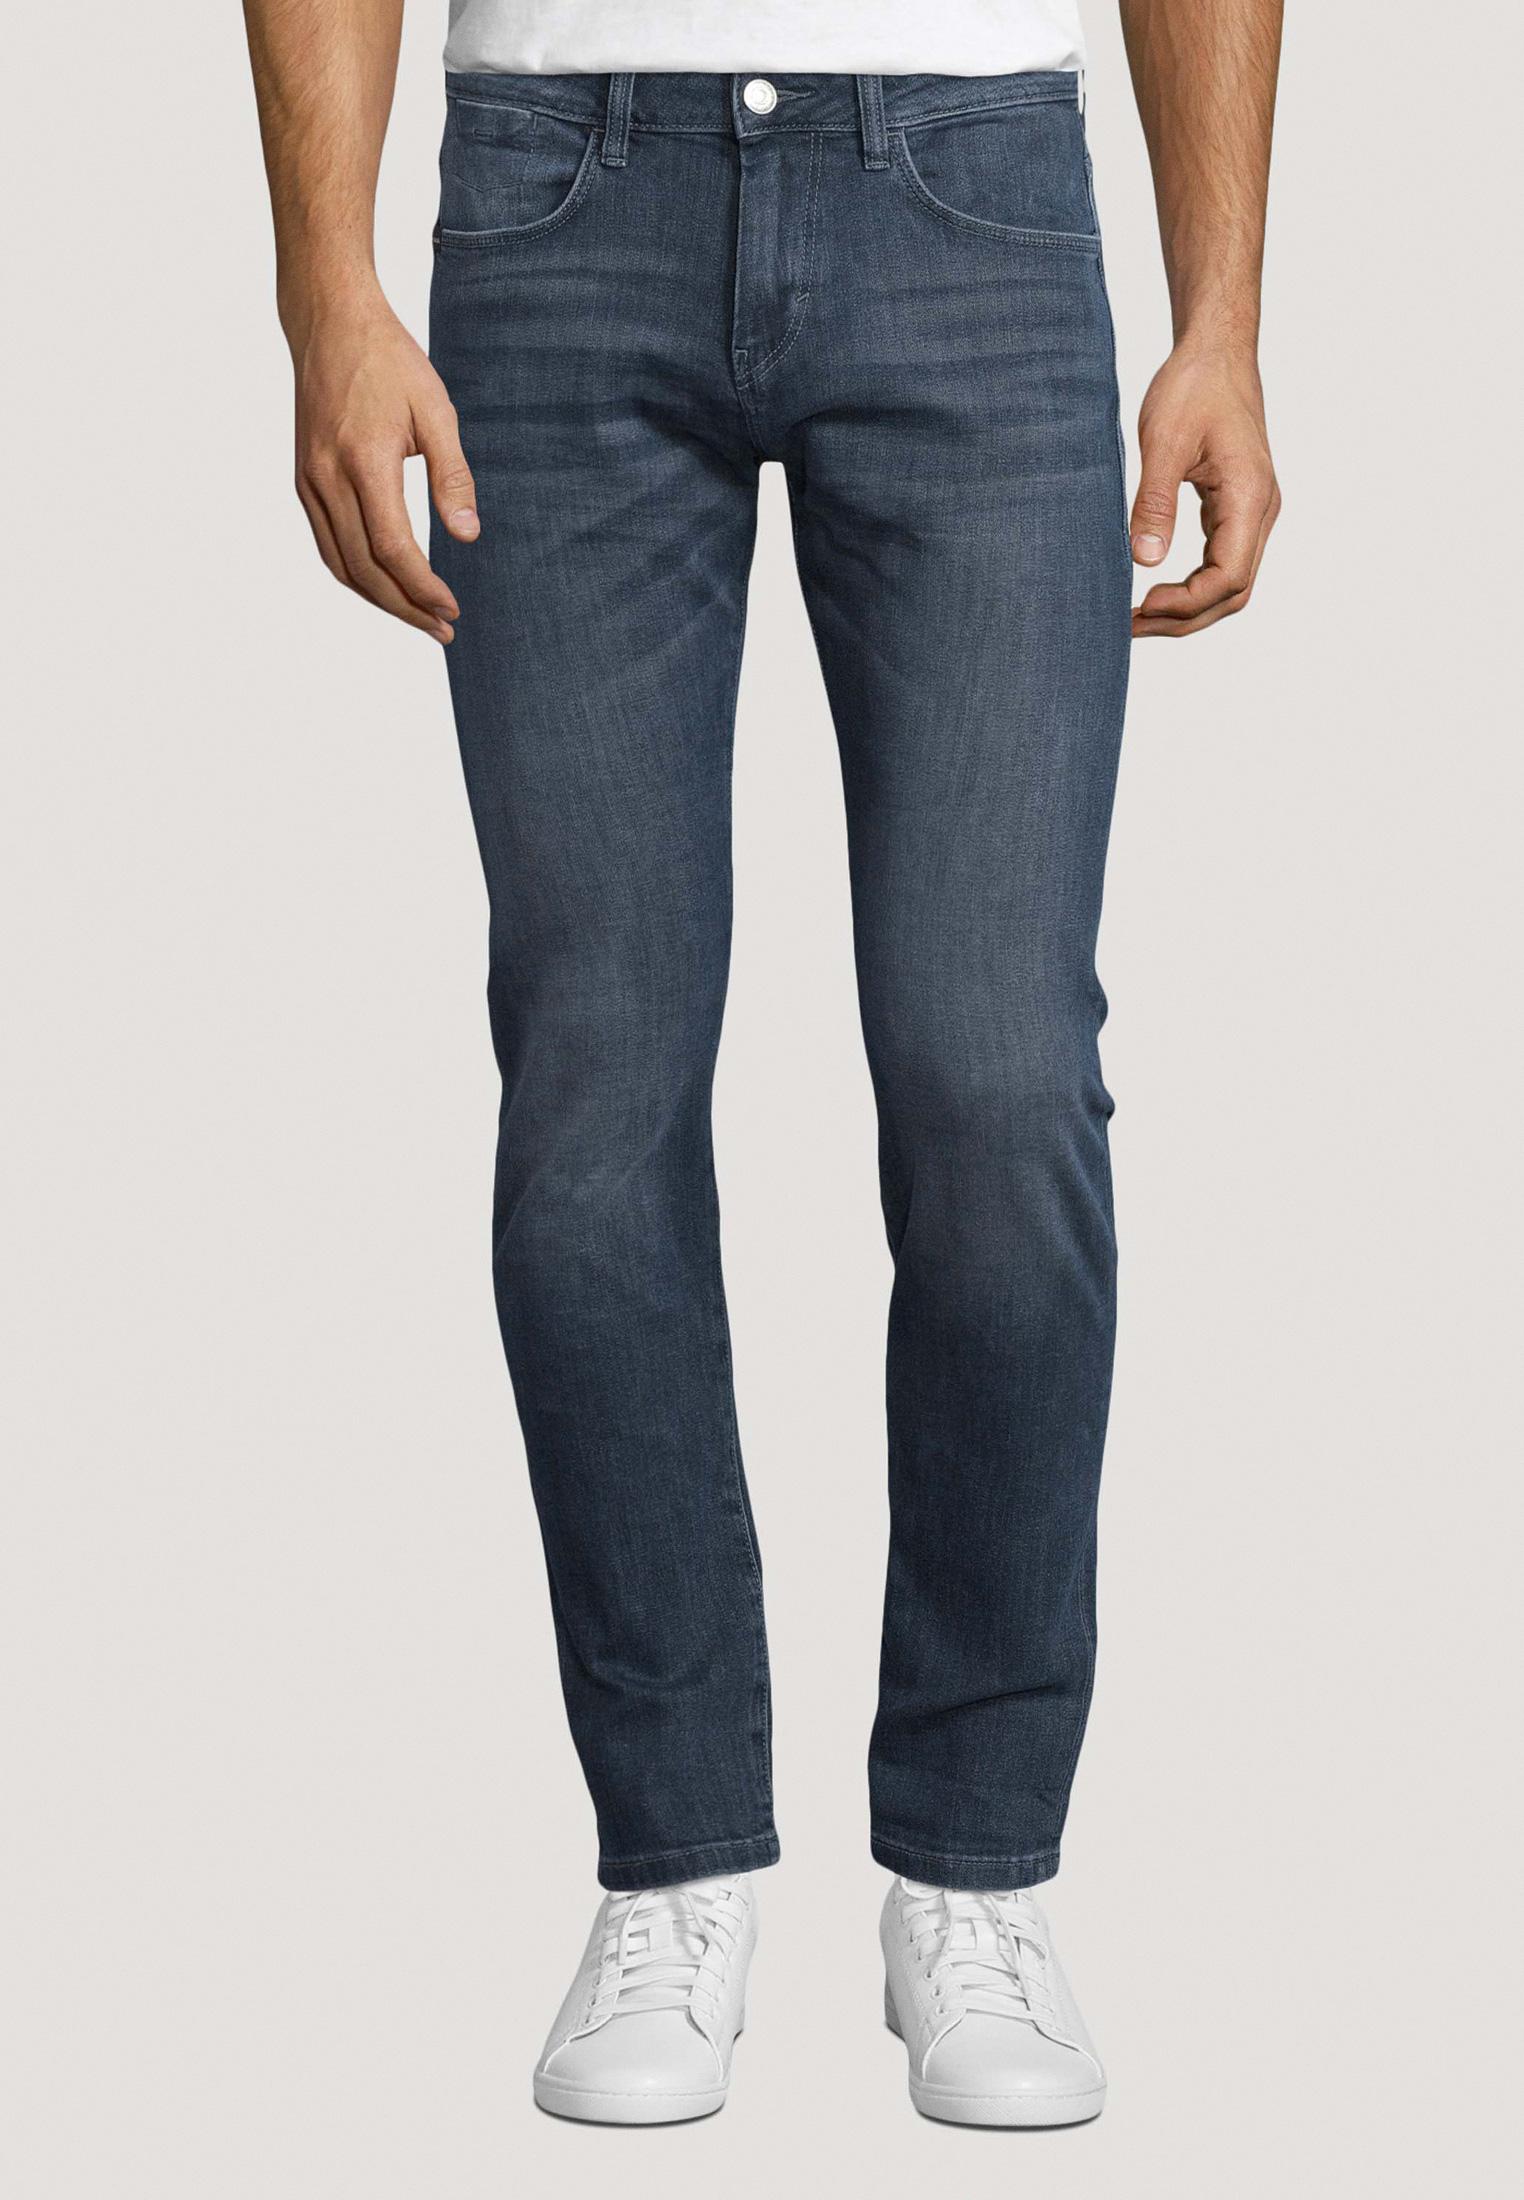 Зауженные джинсы Tom Tailor (Том Тейлор) 1024646: изображение 1